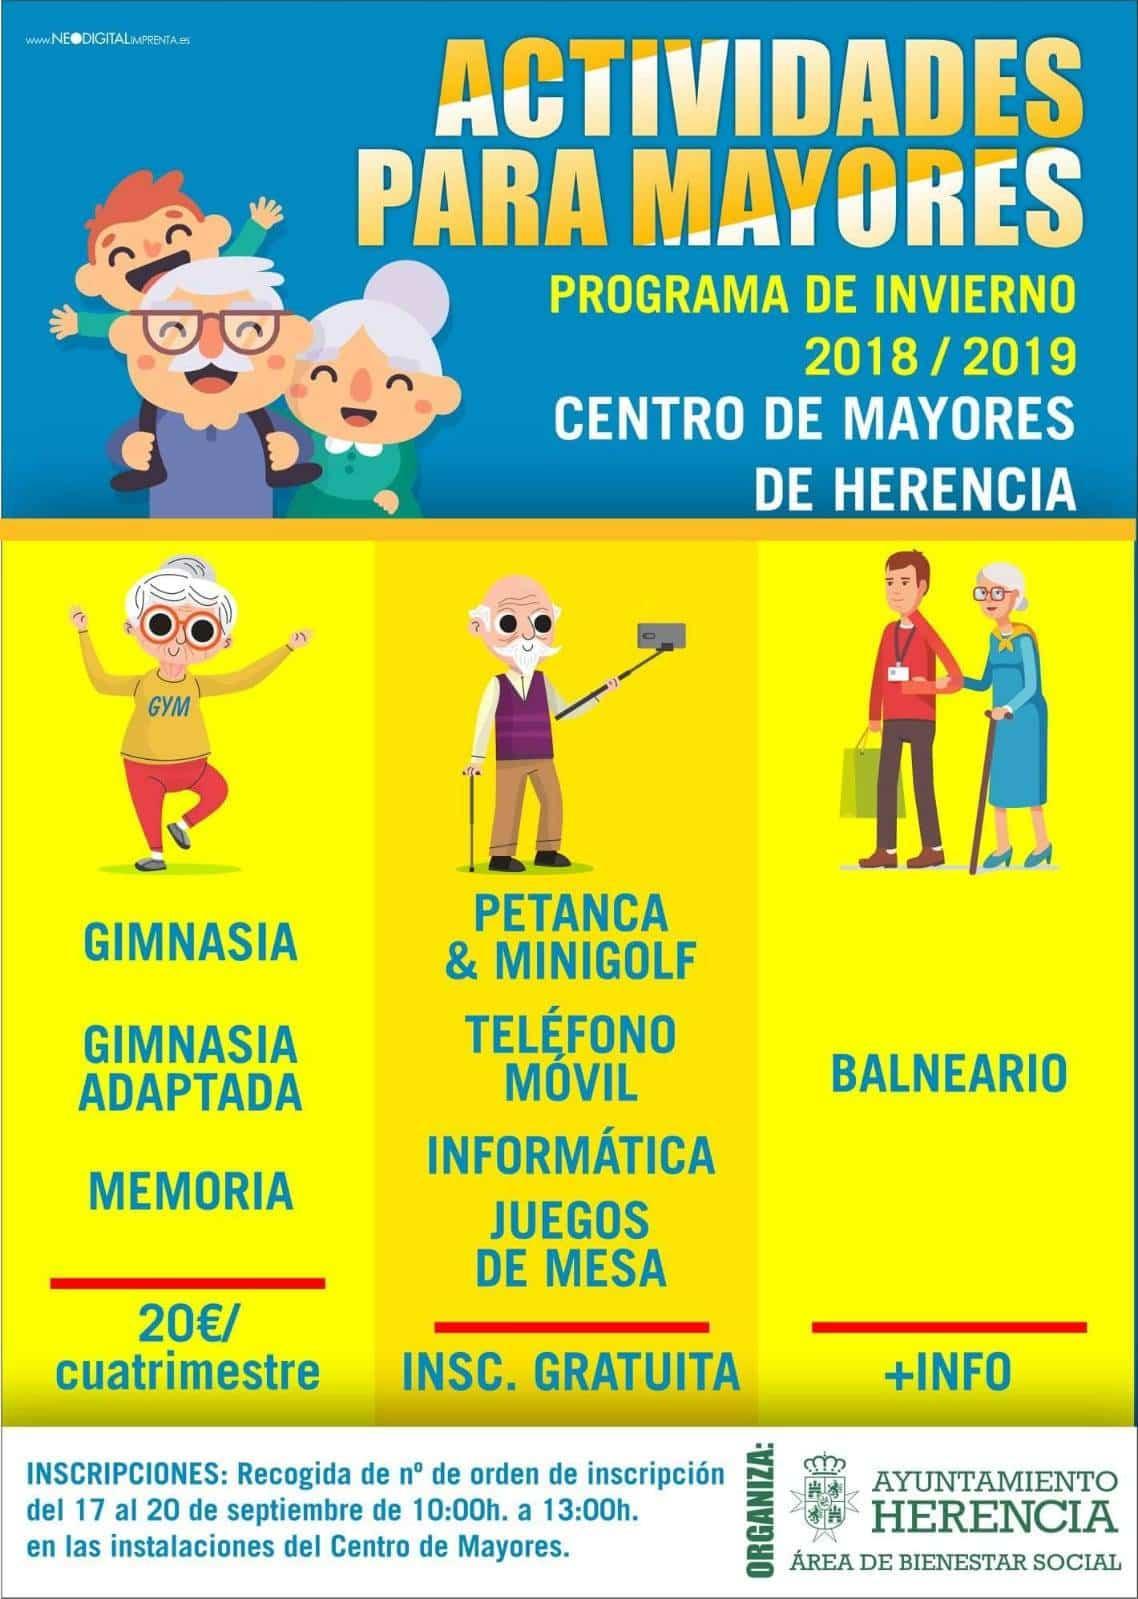 Programa de invierno de actividades para mayores en Herencia - Programa de invierno de actividades para mayores en Herencia